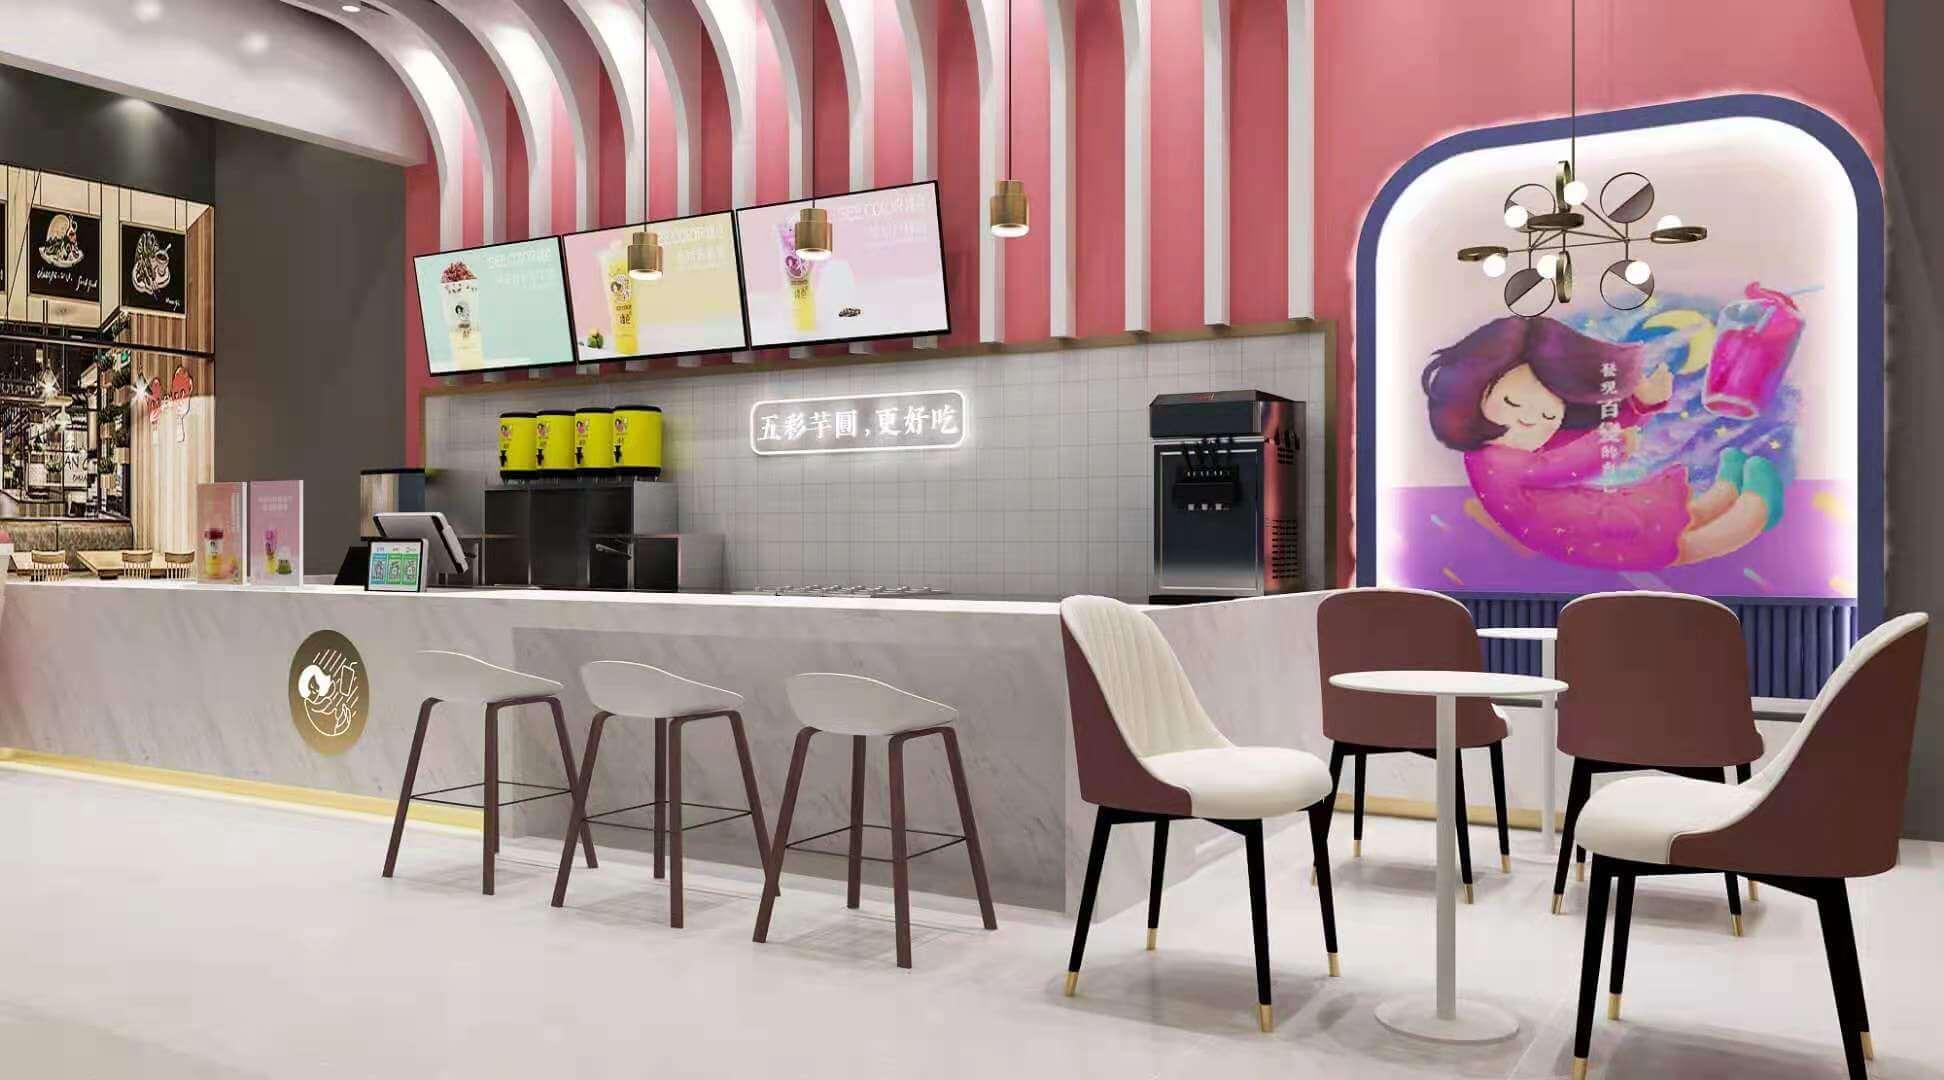 成都市火车南站撞色奶茶店是不是可以加盟的